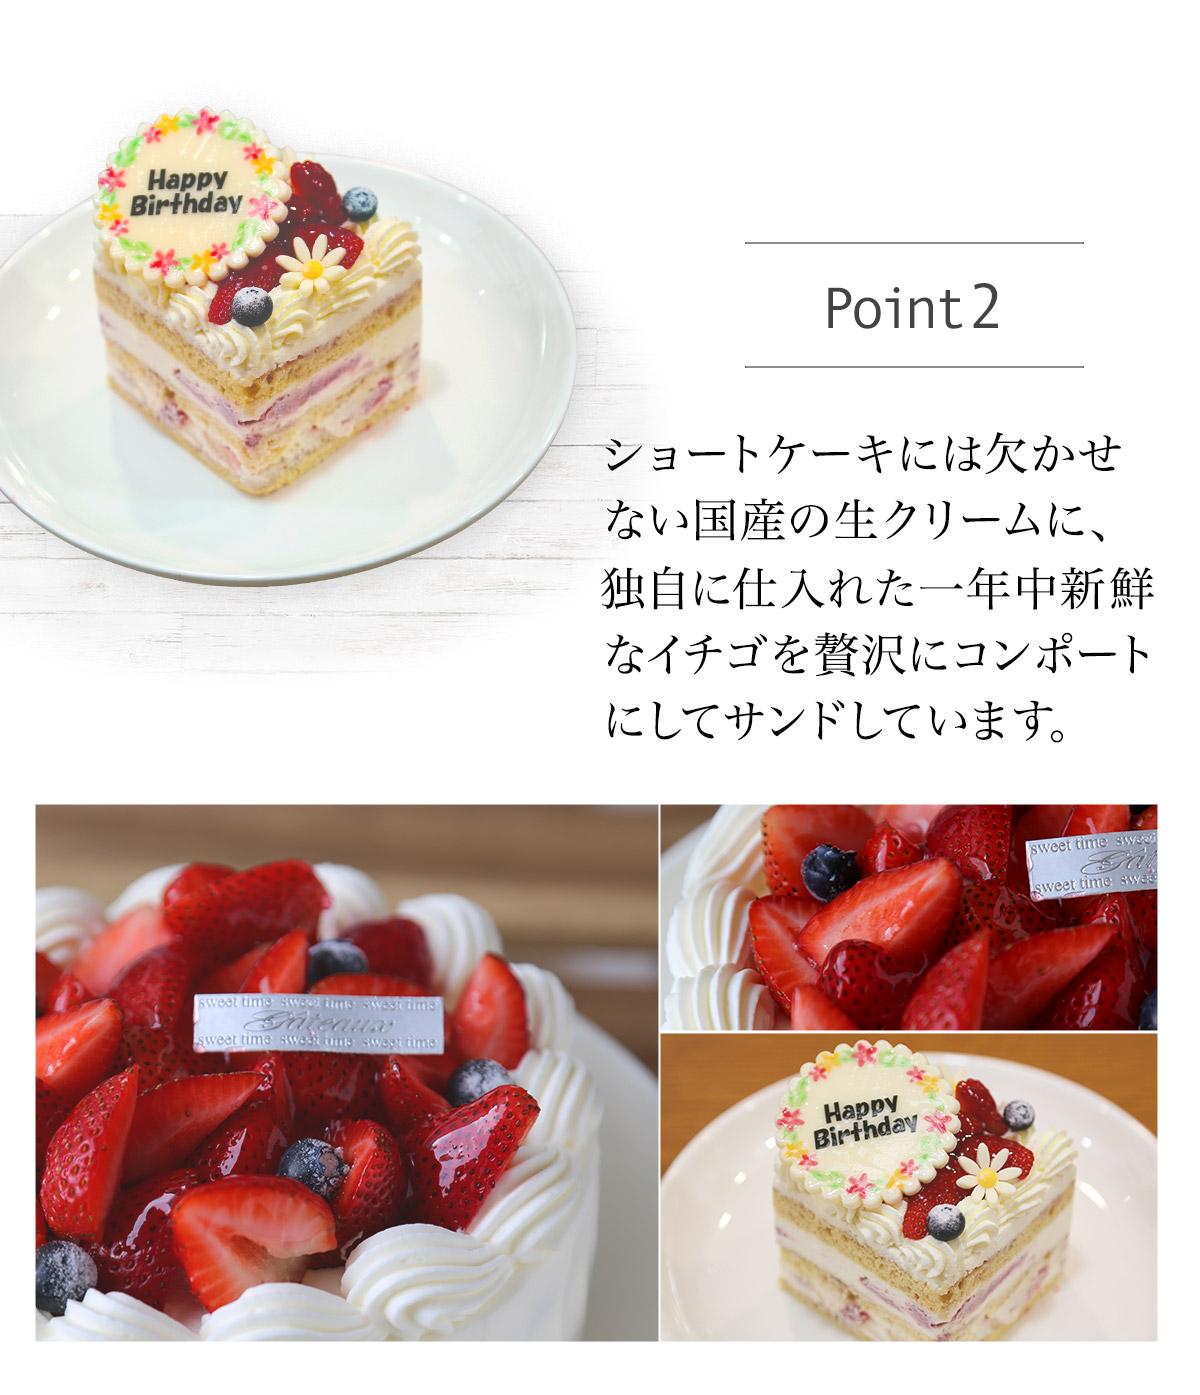 【3号】【写真プレート付き】イチゴいっぱいショートケーキ 1人でも楽しめるショートケーキ【配送専用】